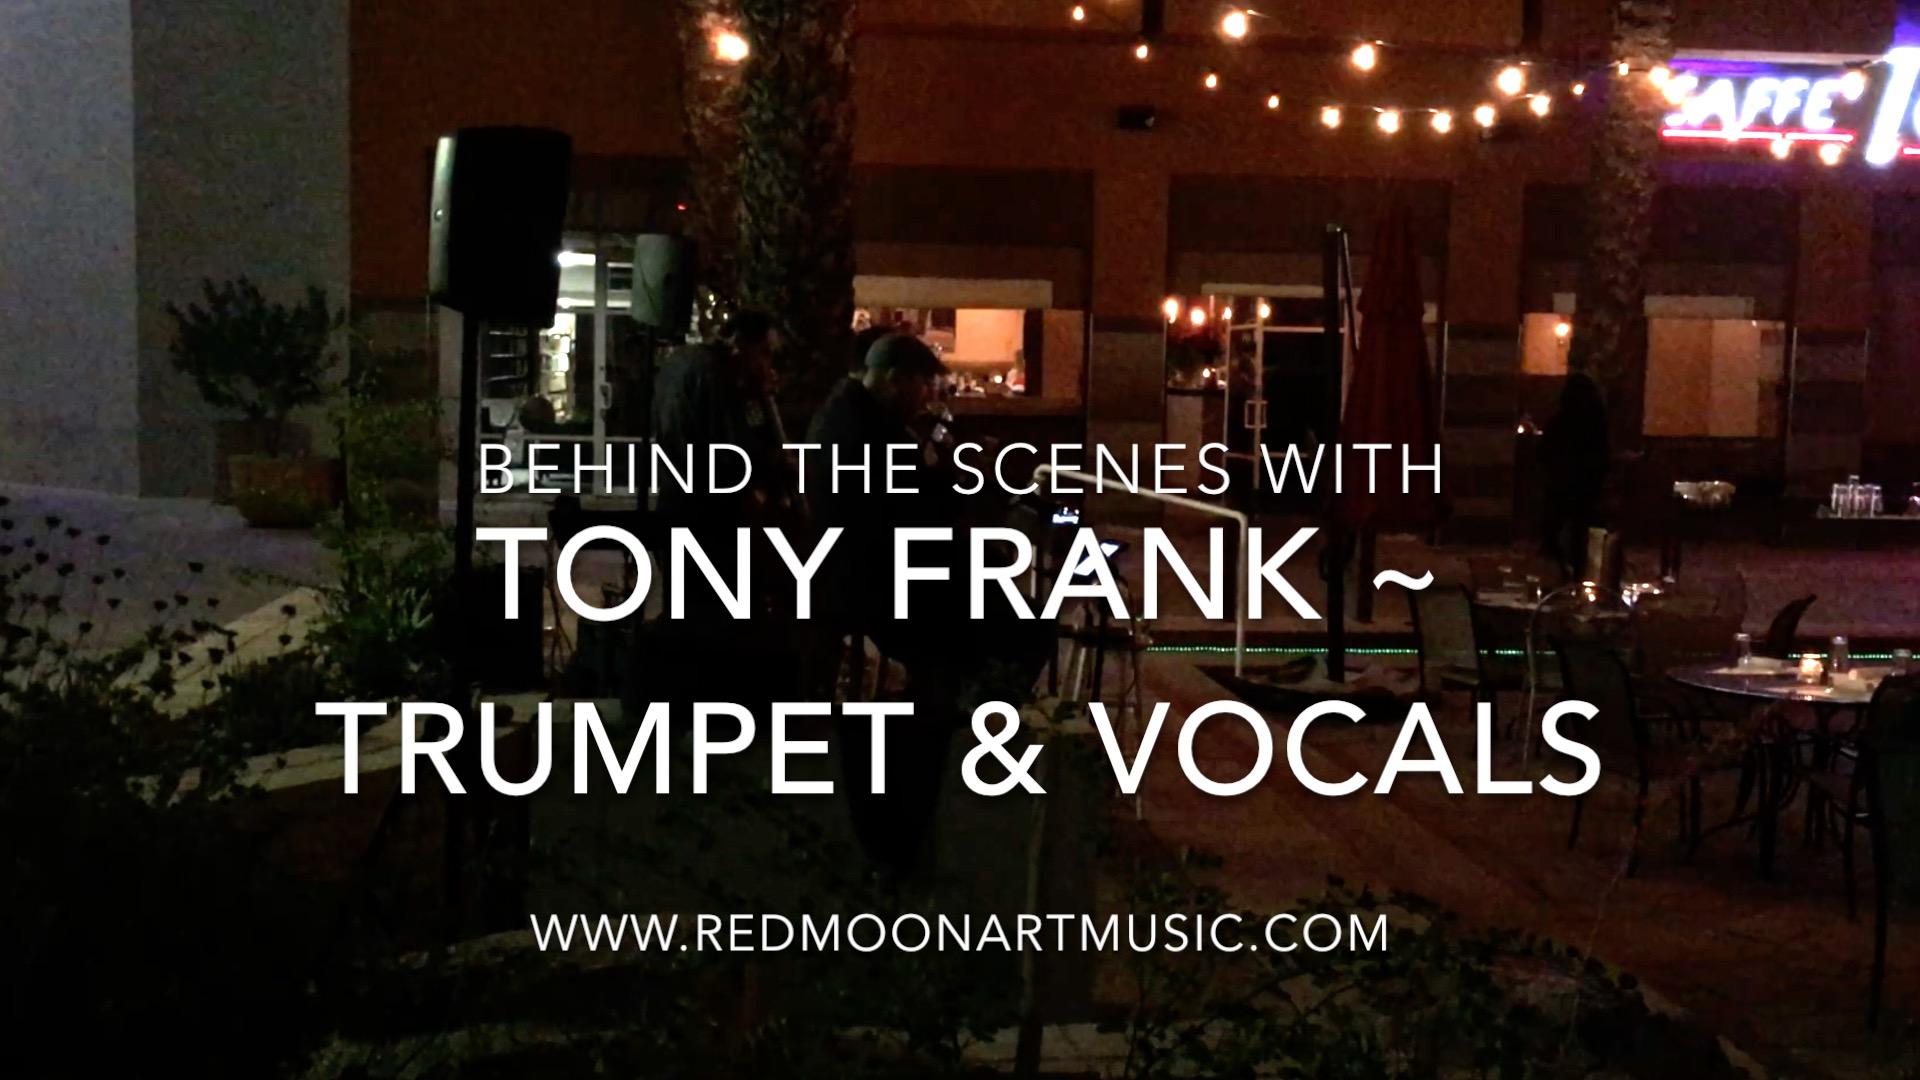 Tony Frank @ Caffe Torino